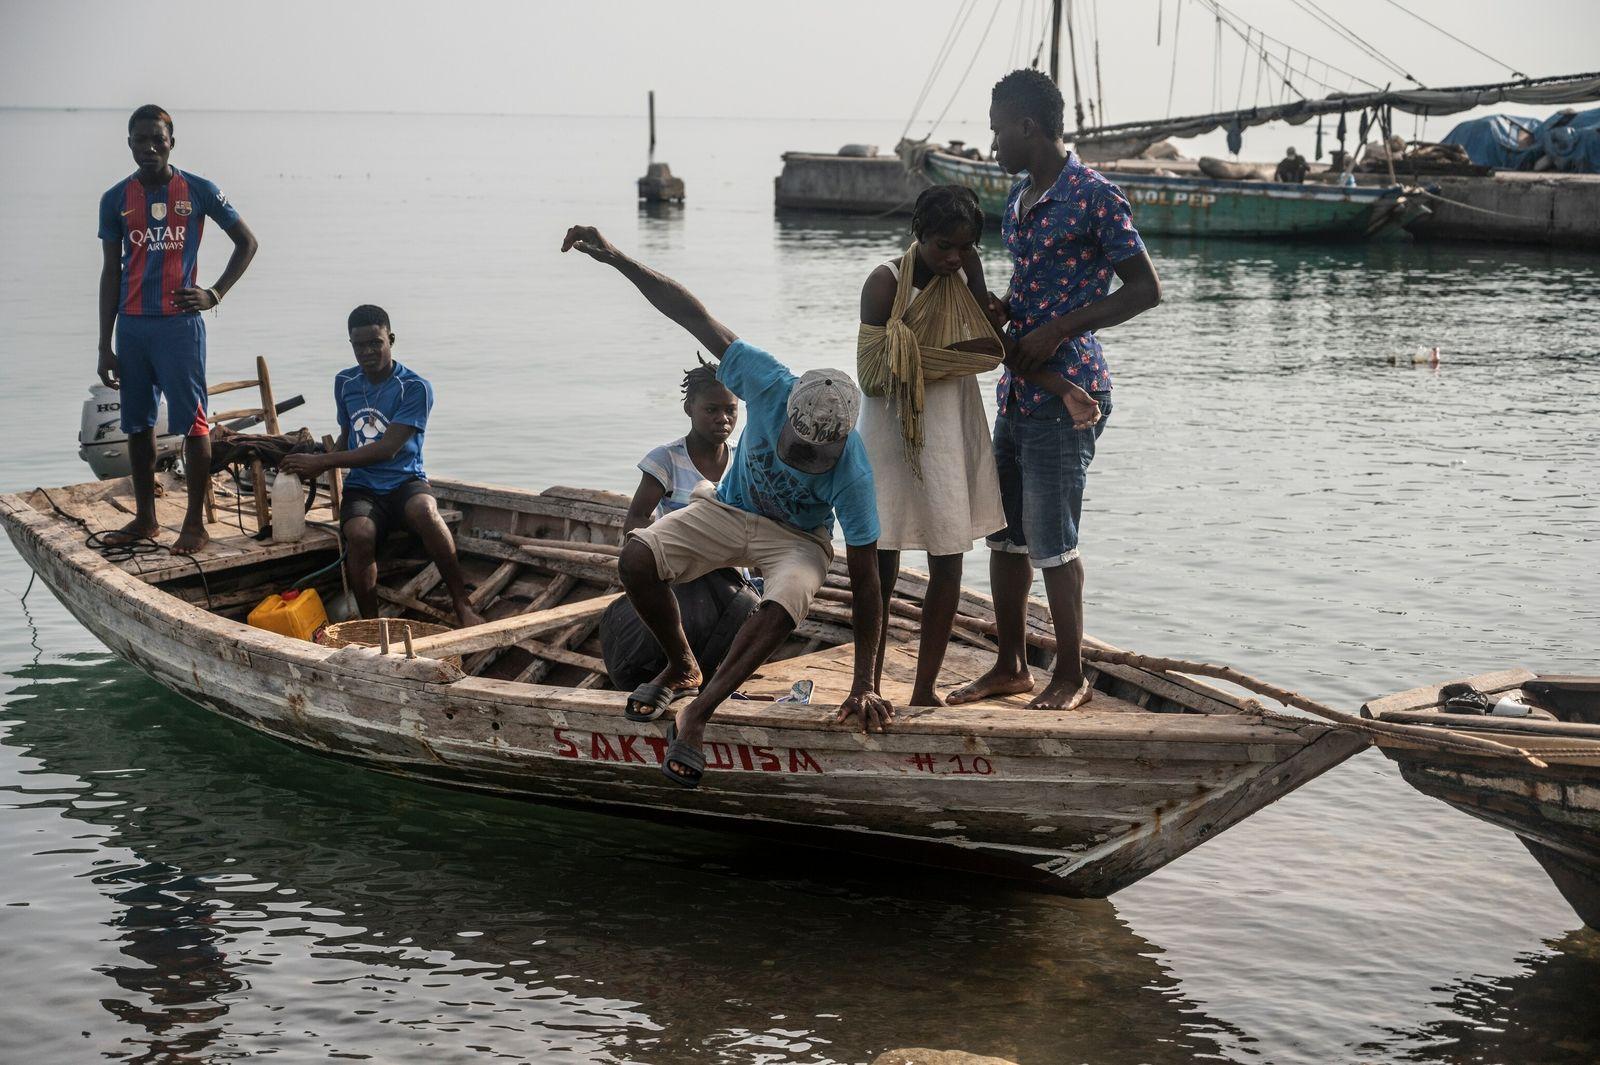 Pequenos barcos transportando feridos começam a chegar na primeira calmaria no tempo após a passagem da ...